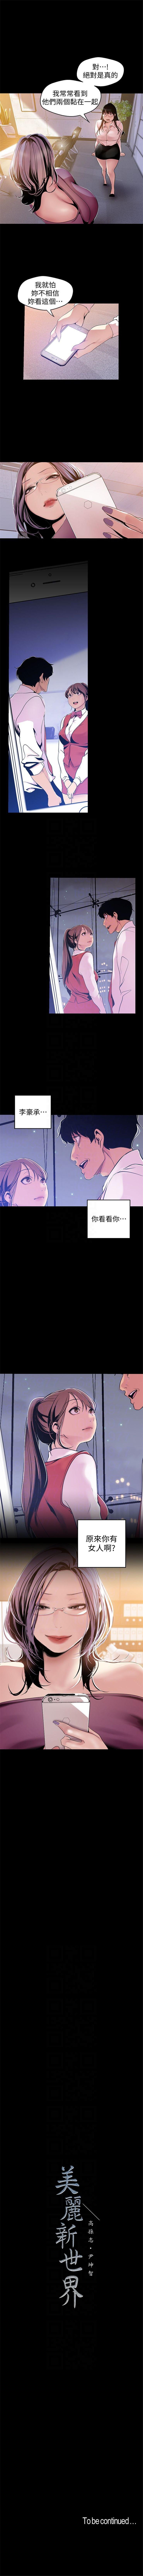 (週1)美麗新世界 1-76 中文翻譯 (更新中) 381